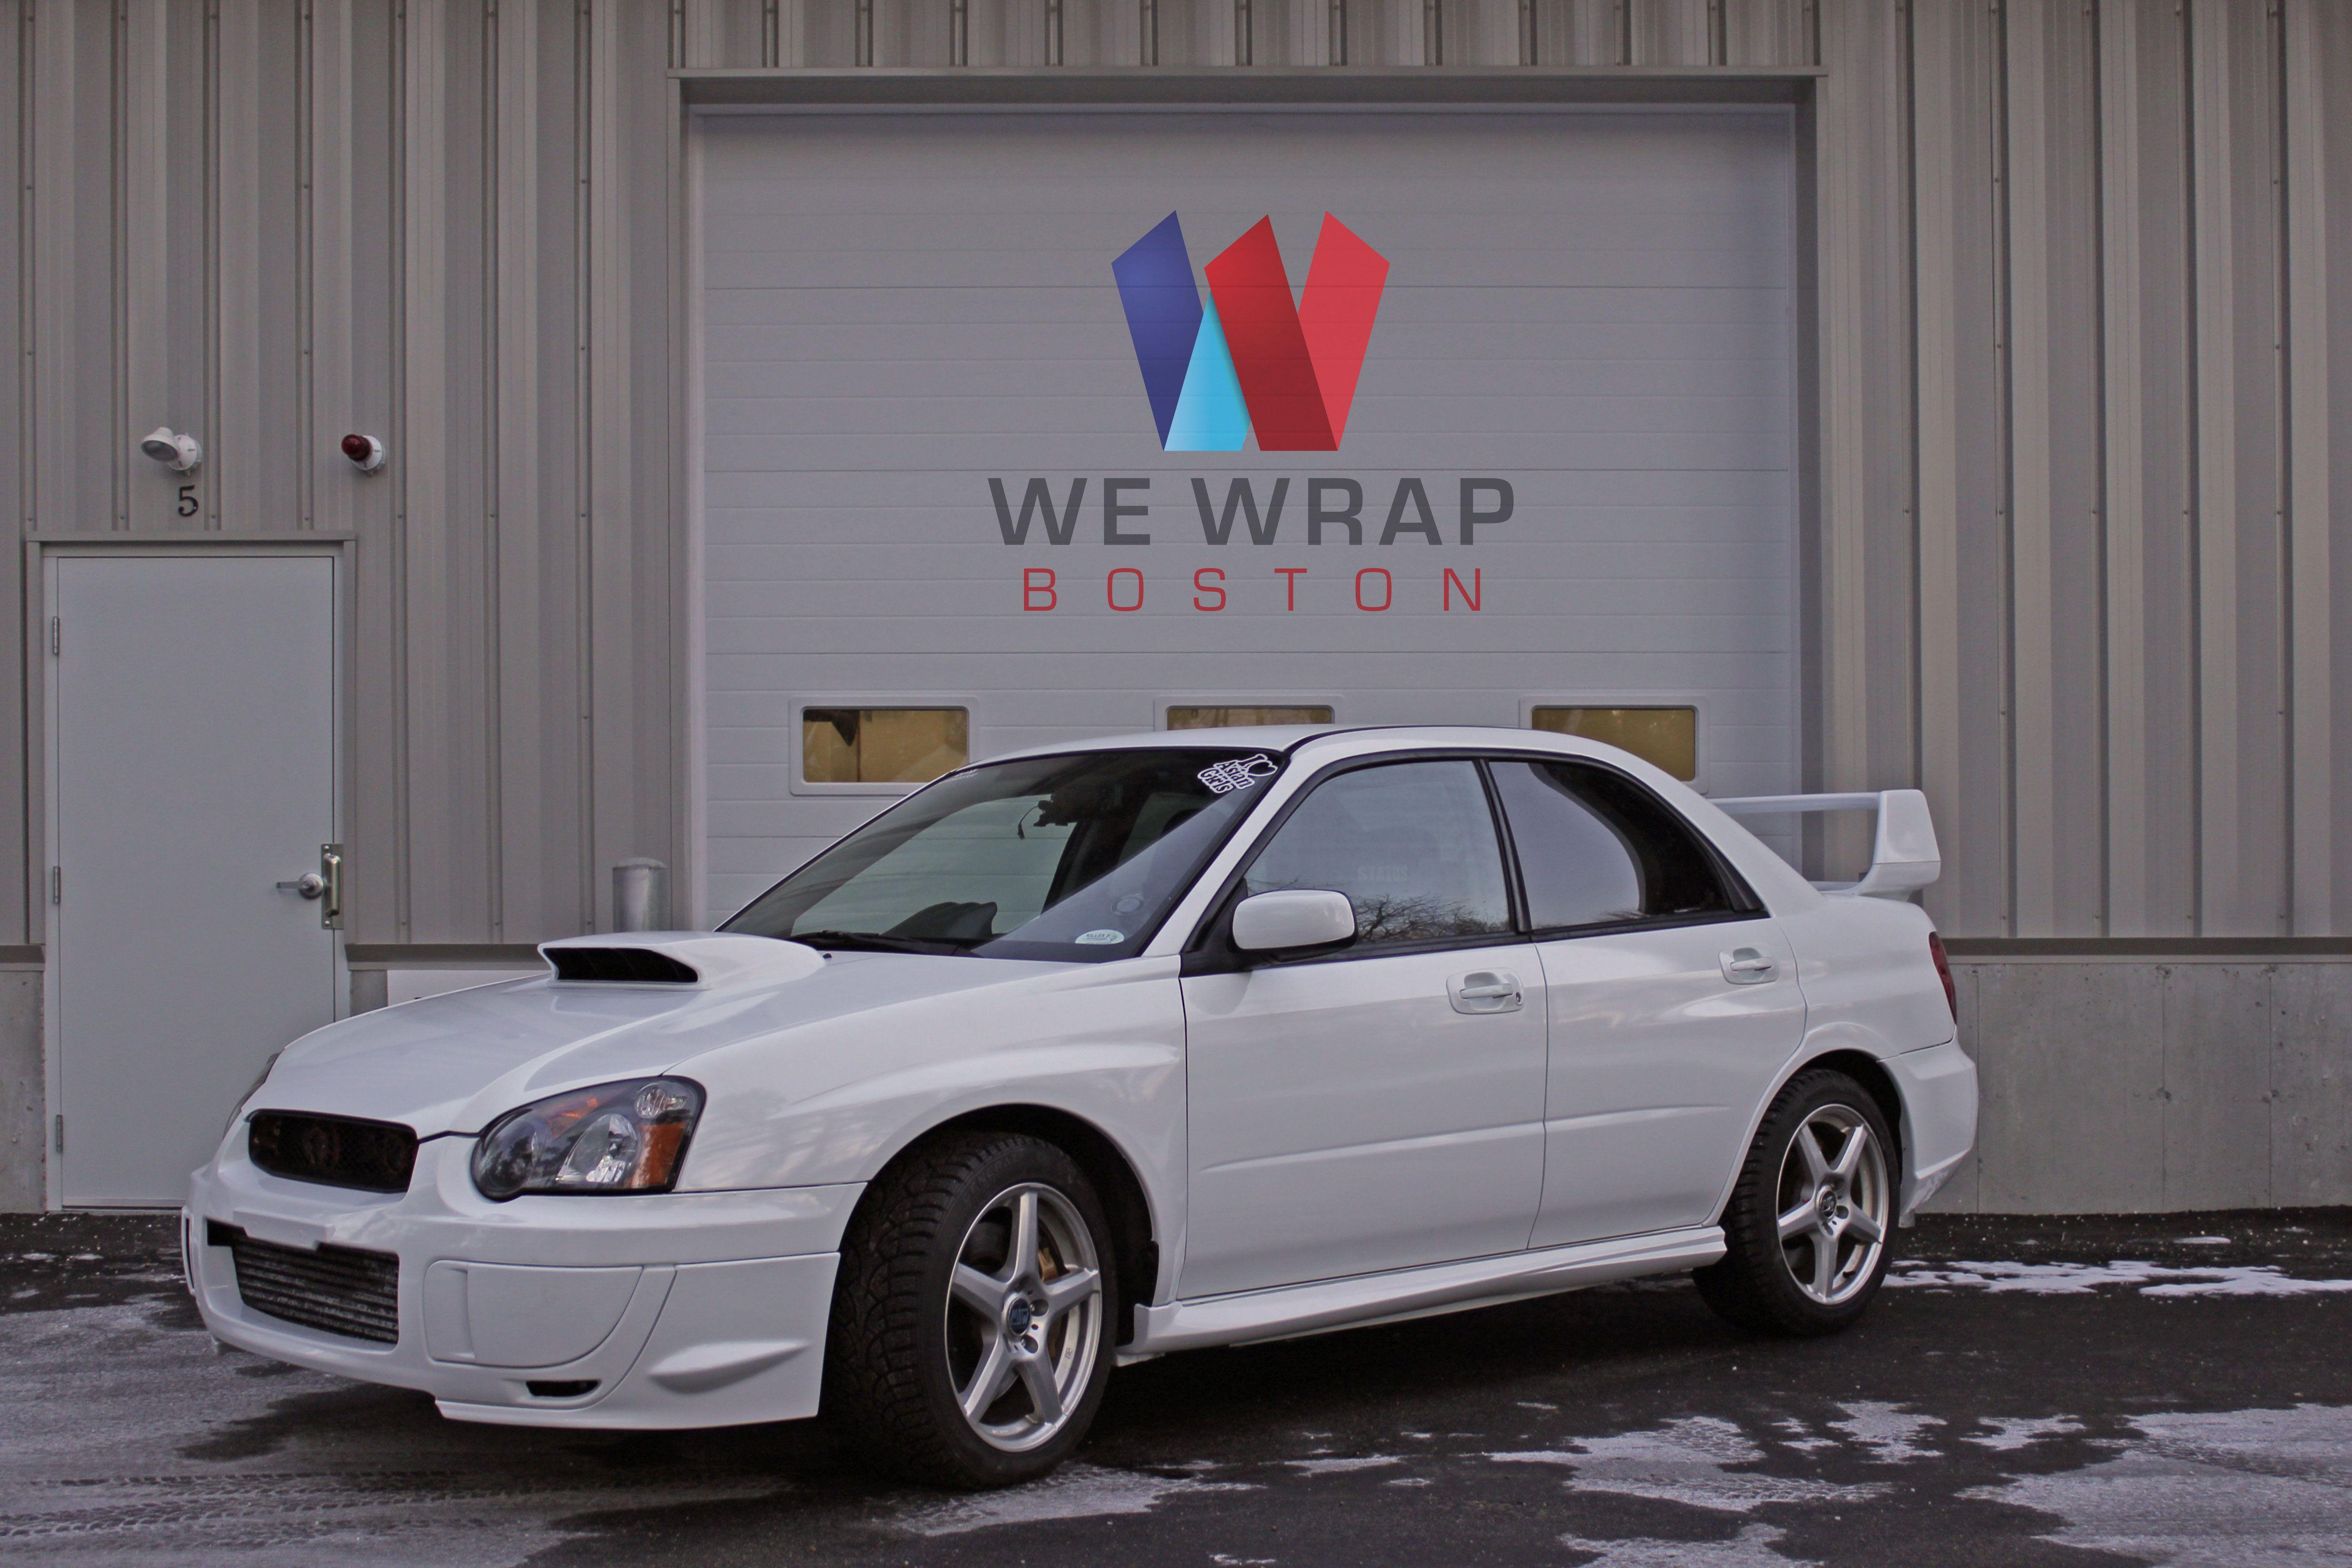 2005 Subaru Wrx Sti Gloss White Color Change Wrap Www